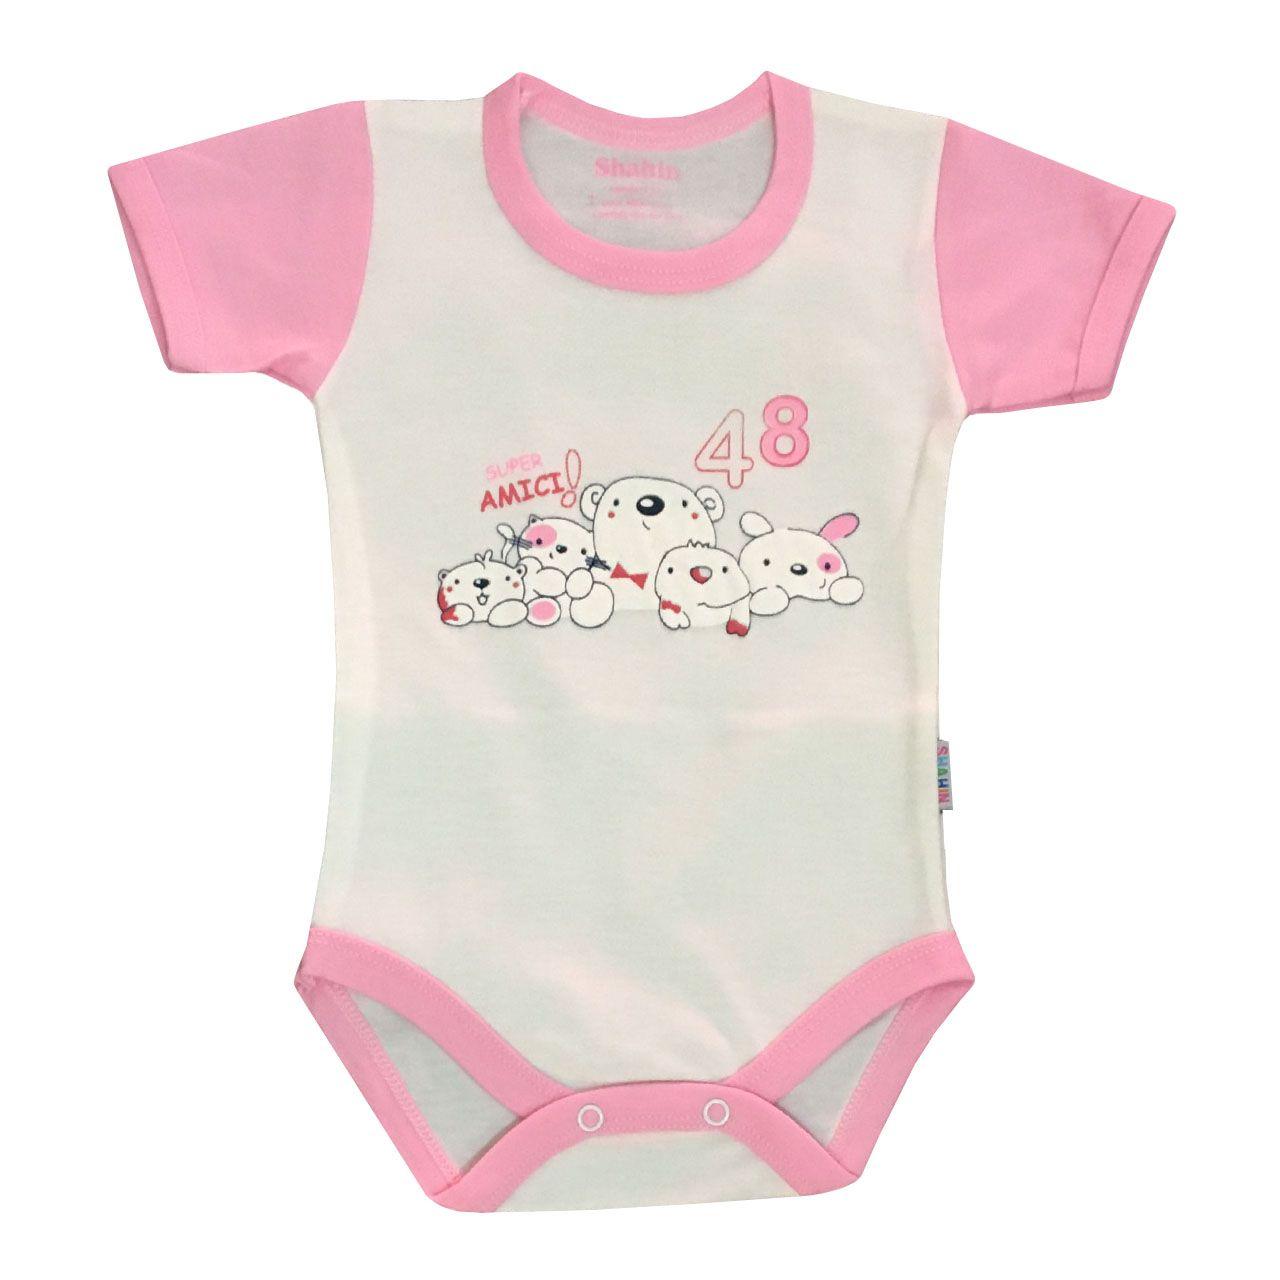 ست 3 تکه لباس نوزادی دخترانه شاهین طرح امیکی کد T -  - 4